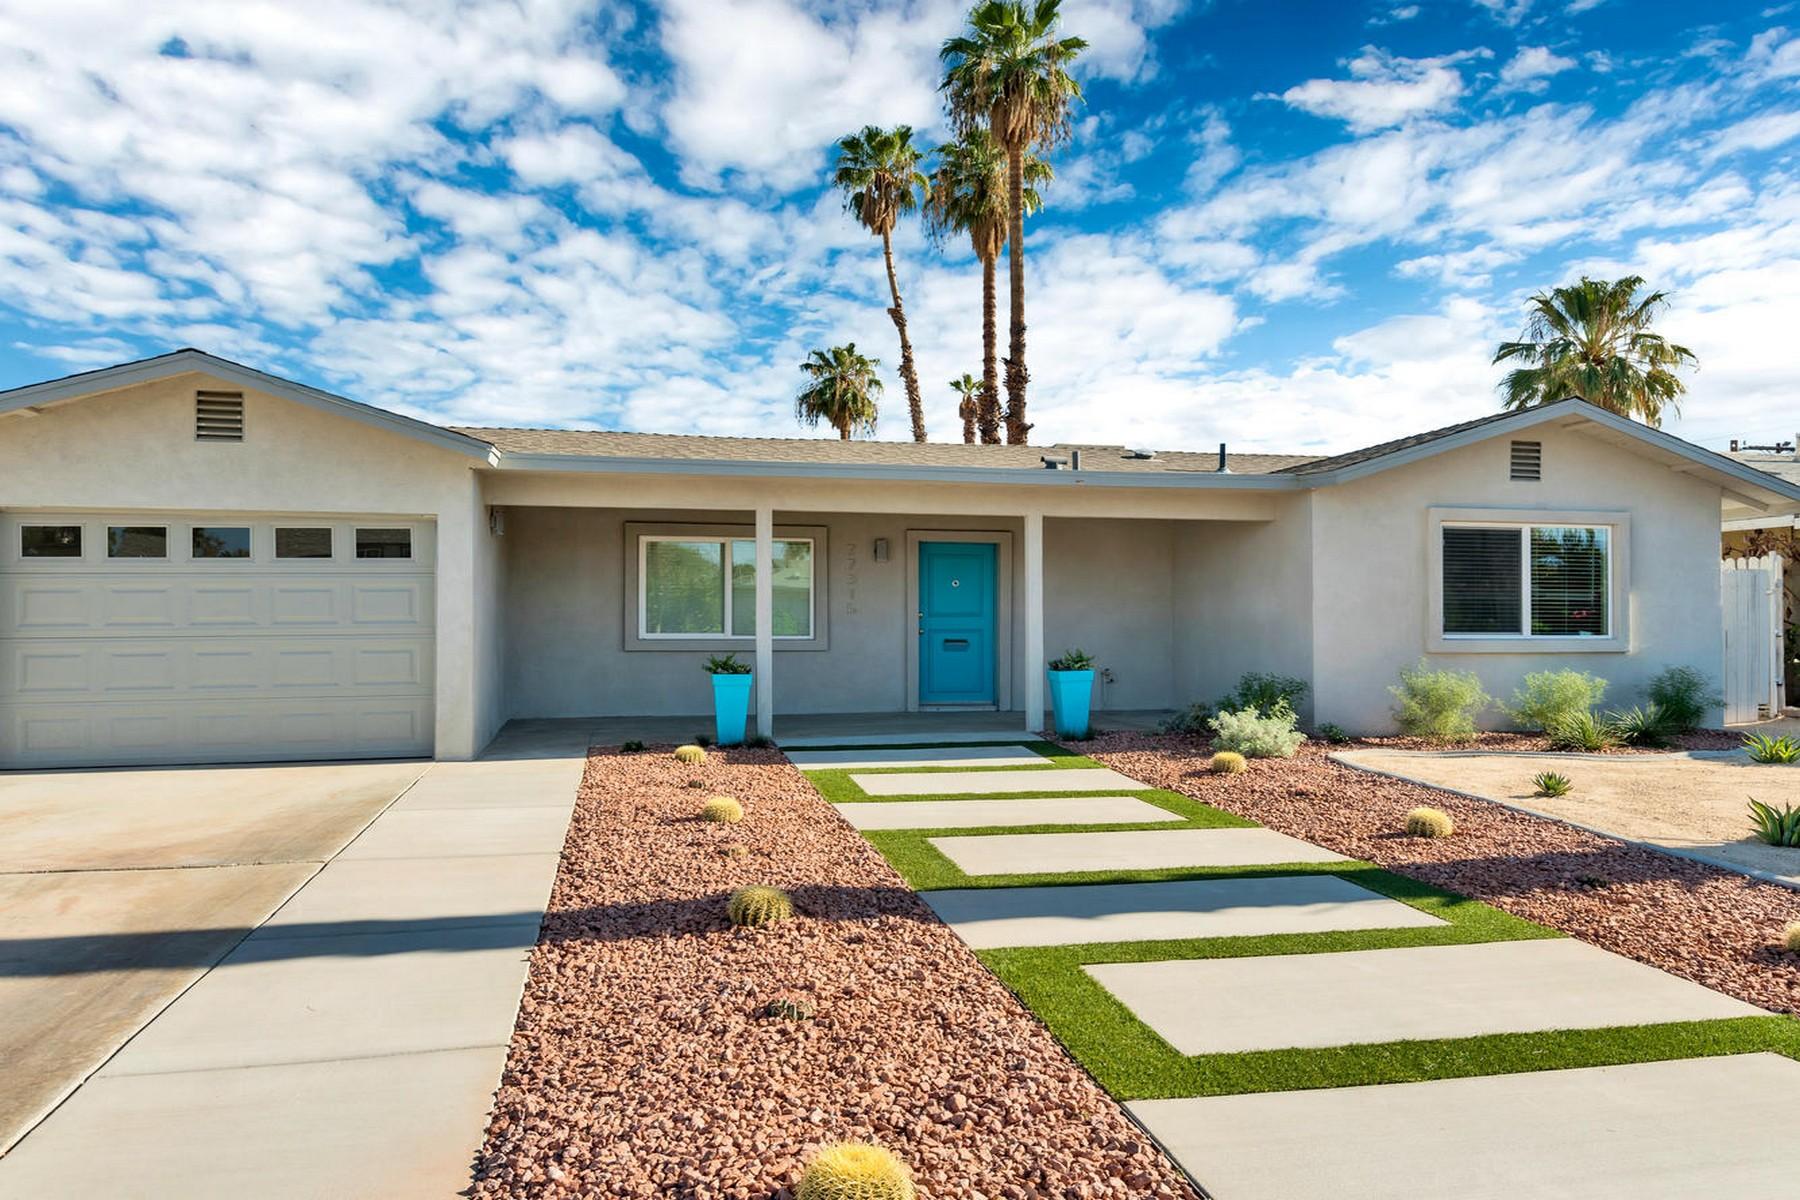 独户住宅 为 销售 在 77315 Missouri Drive Palm Desert, 加利福尼亚州, 92211 美国